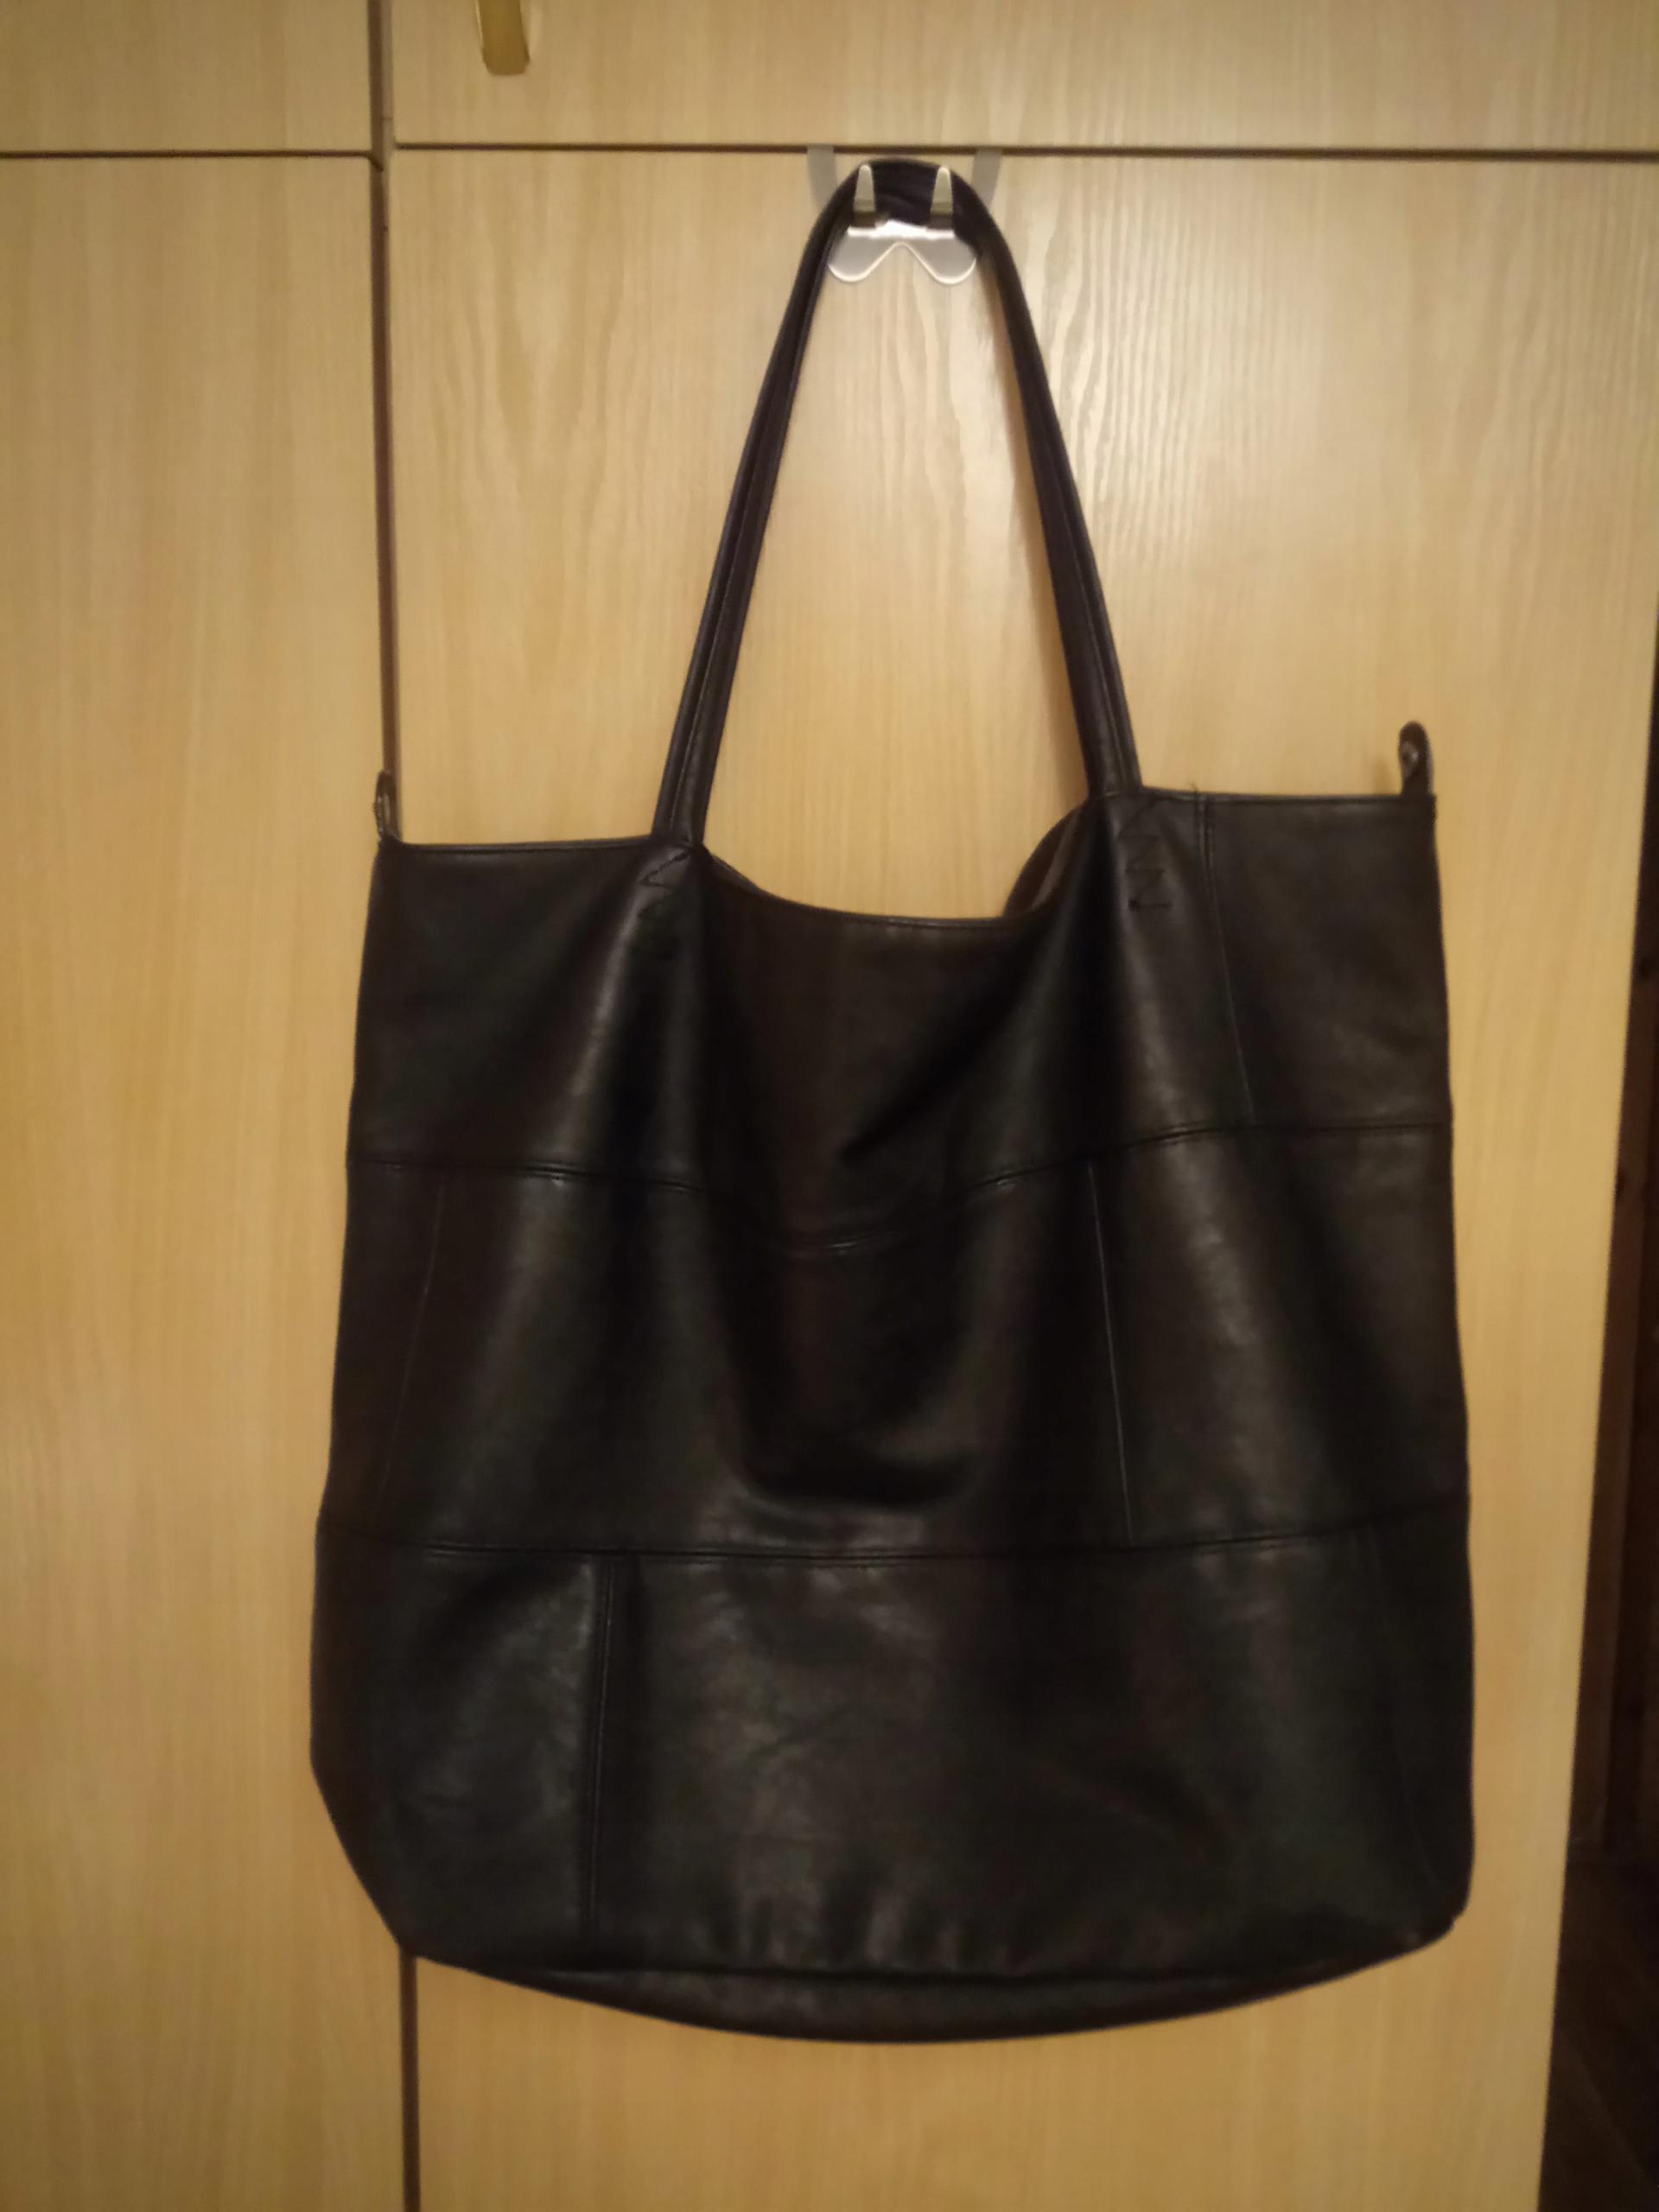 2204f931b0bce Torebka Diverse XXL Czarna Worek Shopper Bag - 7708680898 ...